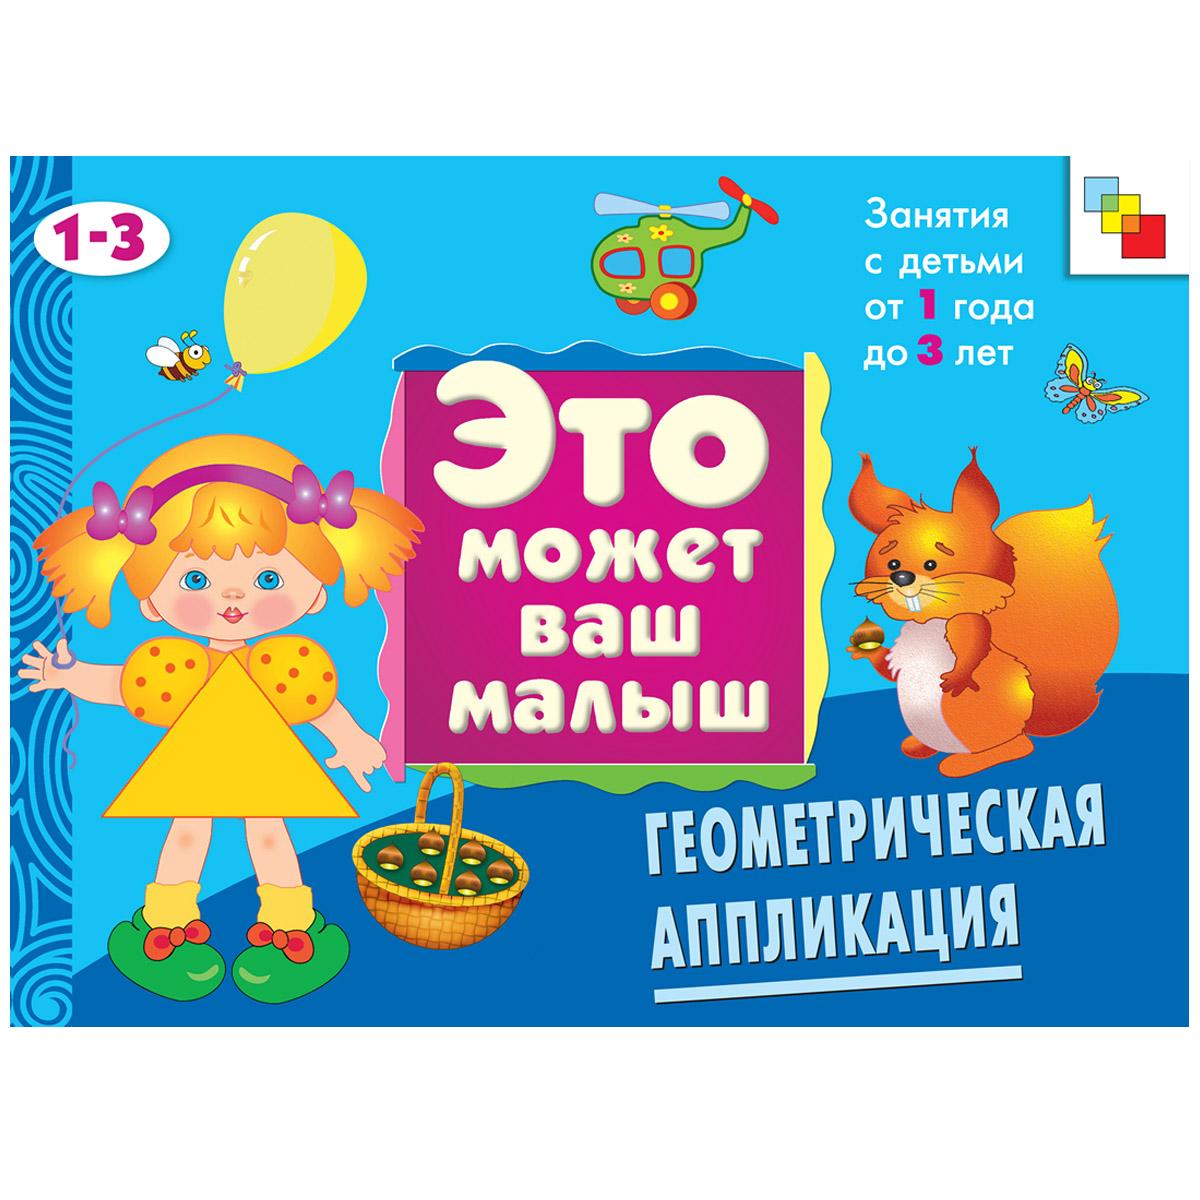 Художественный альбом для занятий с детьми 1-3 лет. Это может ваш малыш Геометрическая аппликация<br>